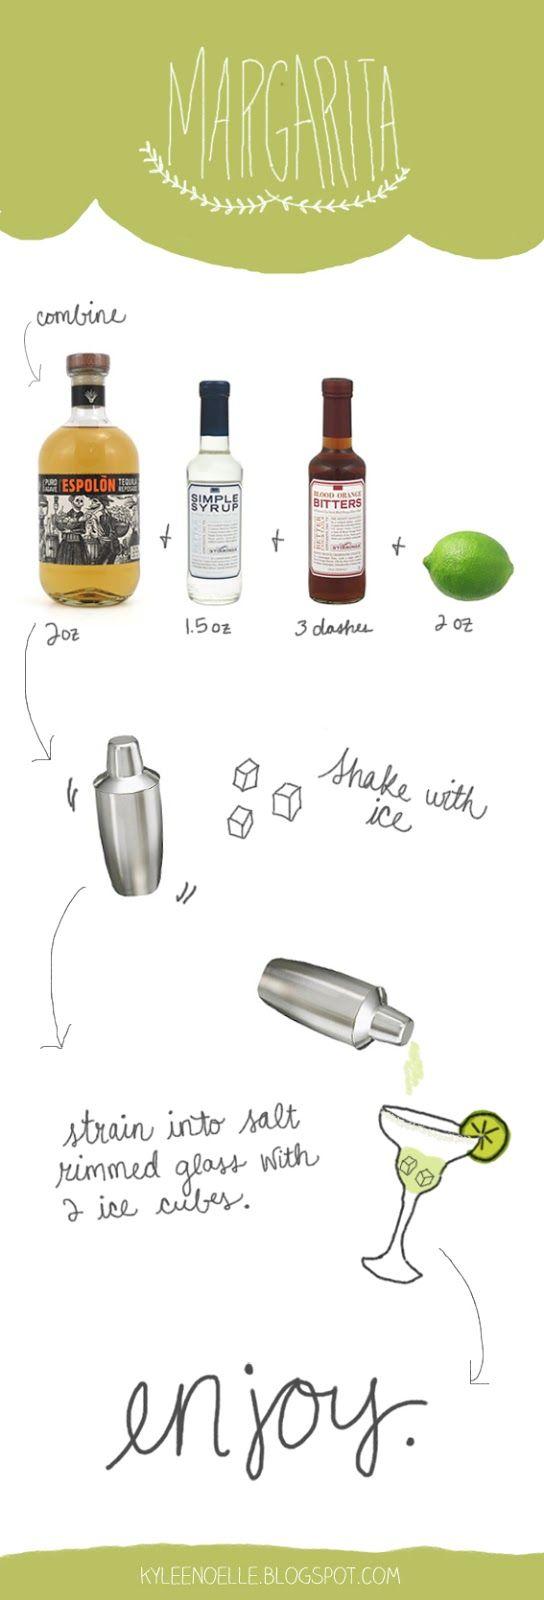 Margarita with Blood Orange Bitters Recipe (Kylee Noelle)